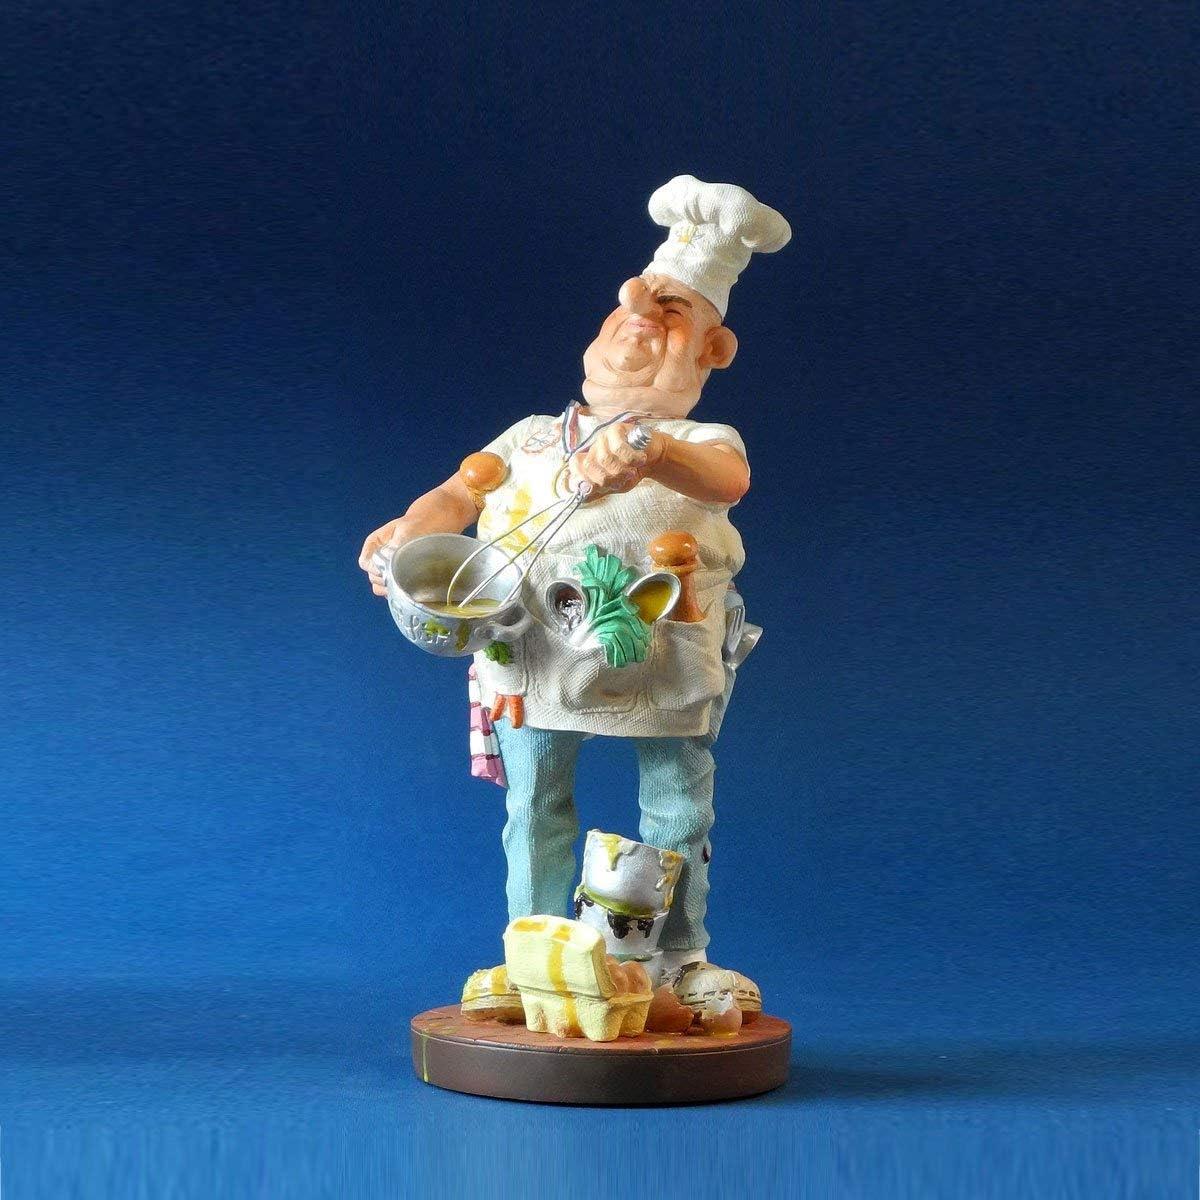 #32 Le cuisinier - H19,5cm Profisti S Sculptures de la Profession // Metier